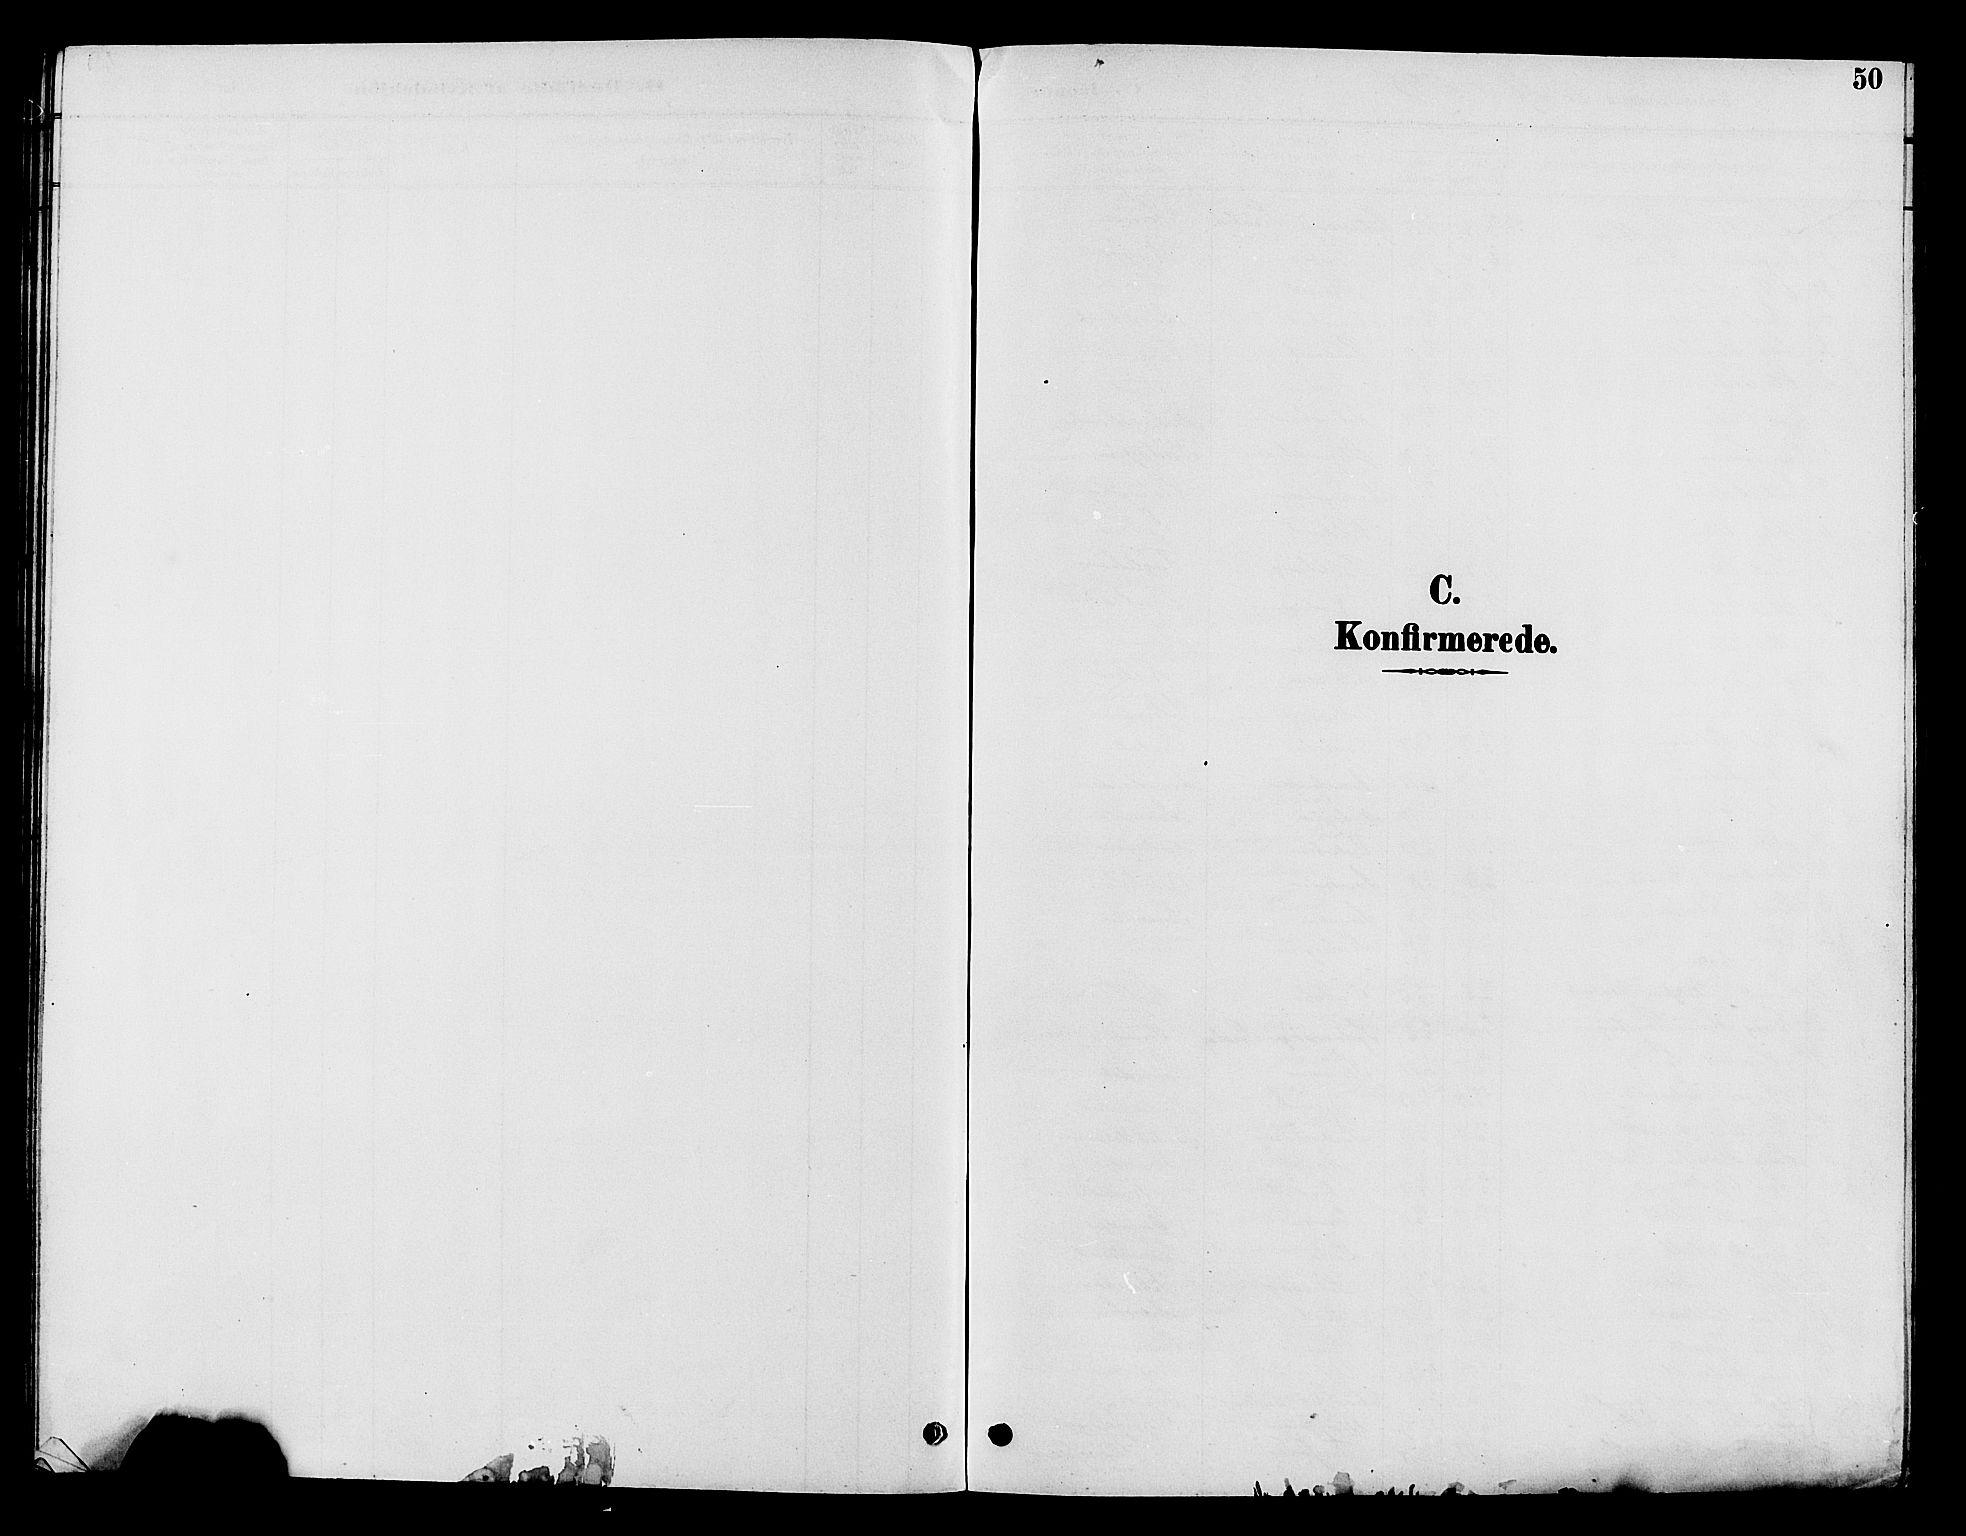 SAH, Nord-Aurdal prestekontor, Klokkerbok nr. 10, 1892-1907, s. 50